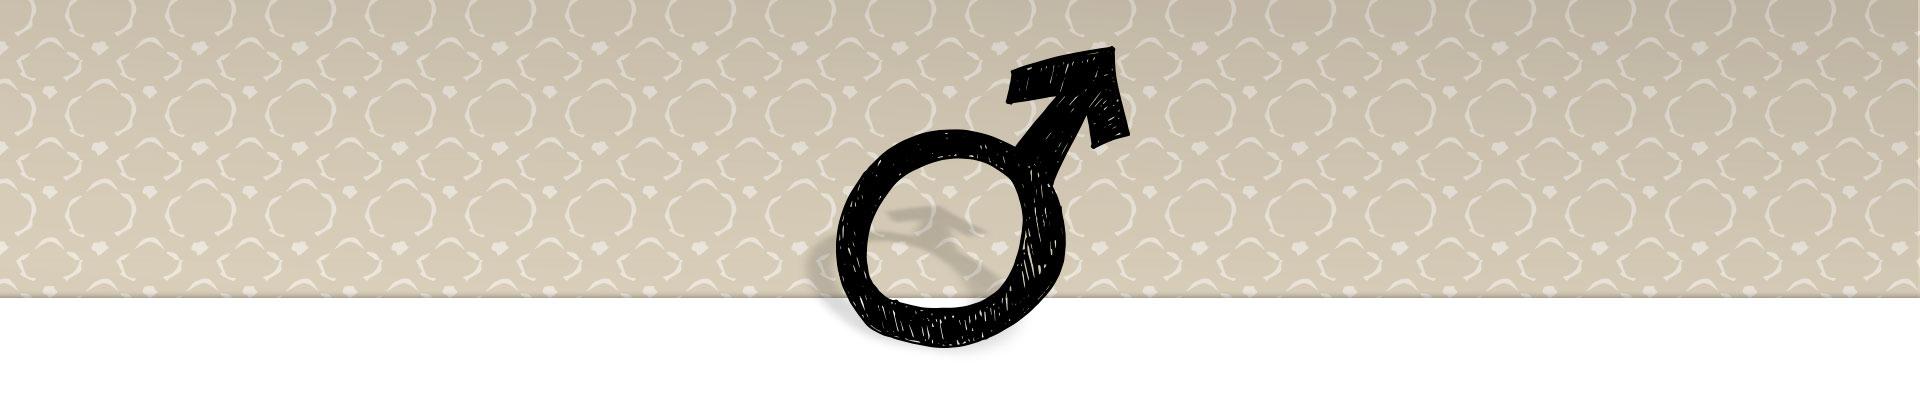 Veelgestelde vragen over spermadonatie